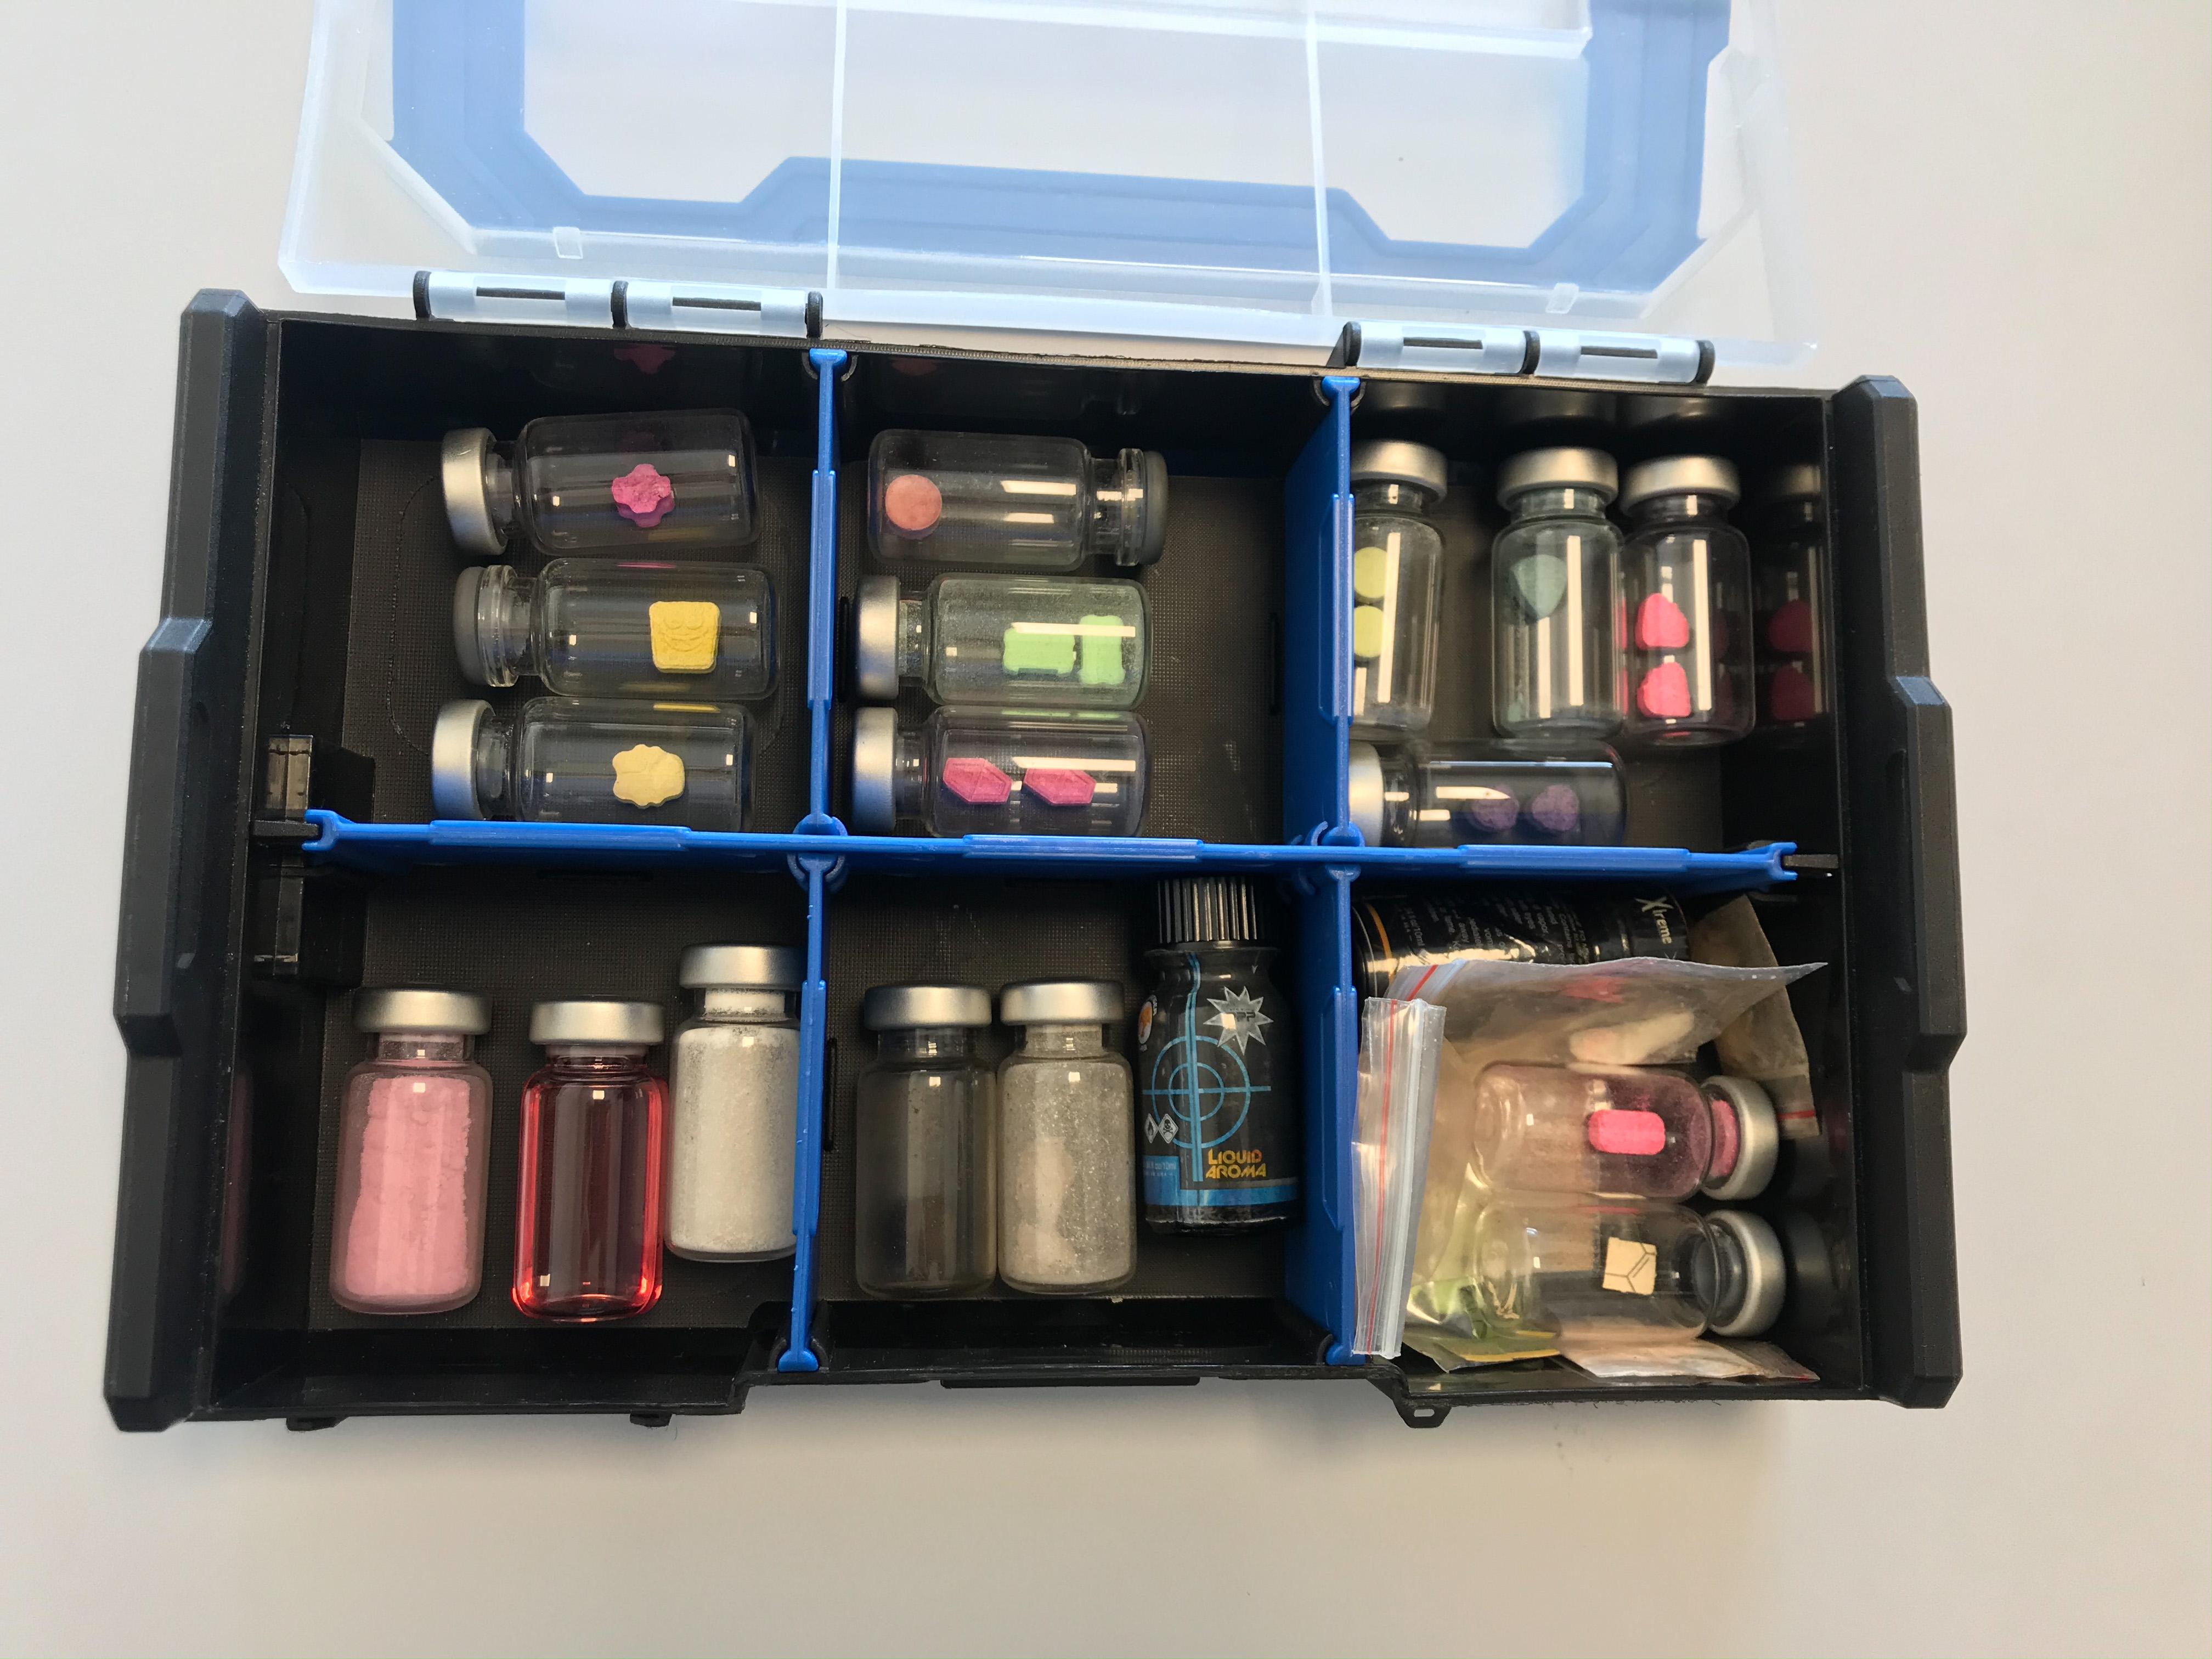 Vista de los envases de vidrio y bolsas que contienen pastillas sintéticas  y ketamina.